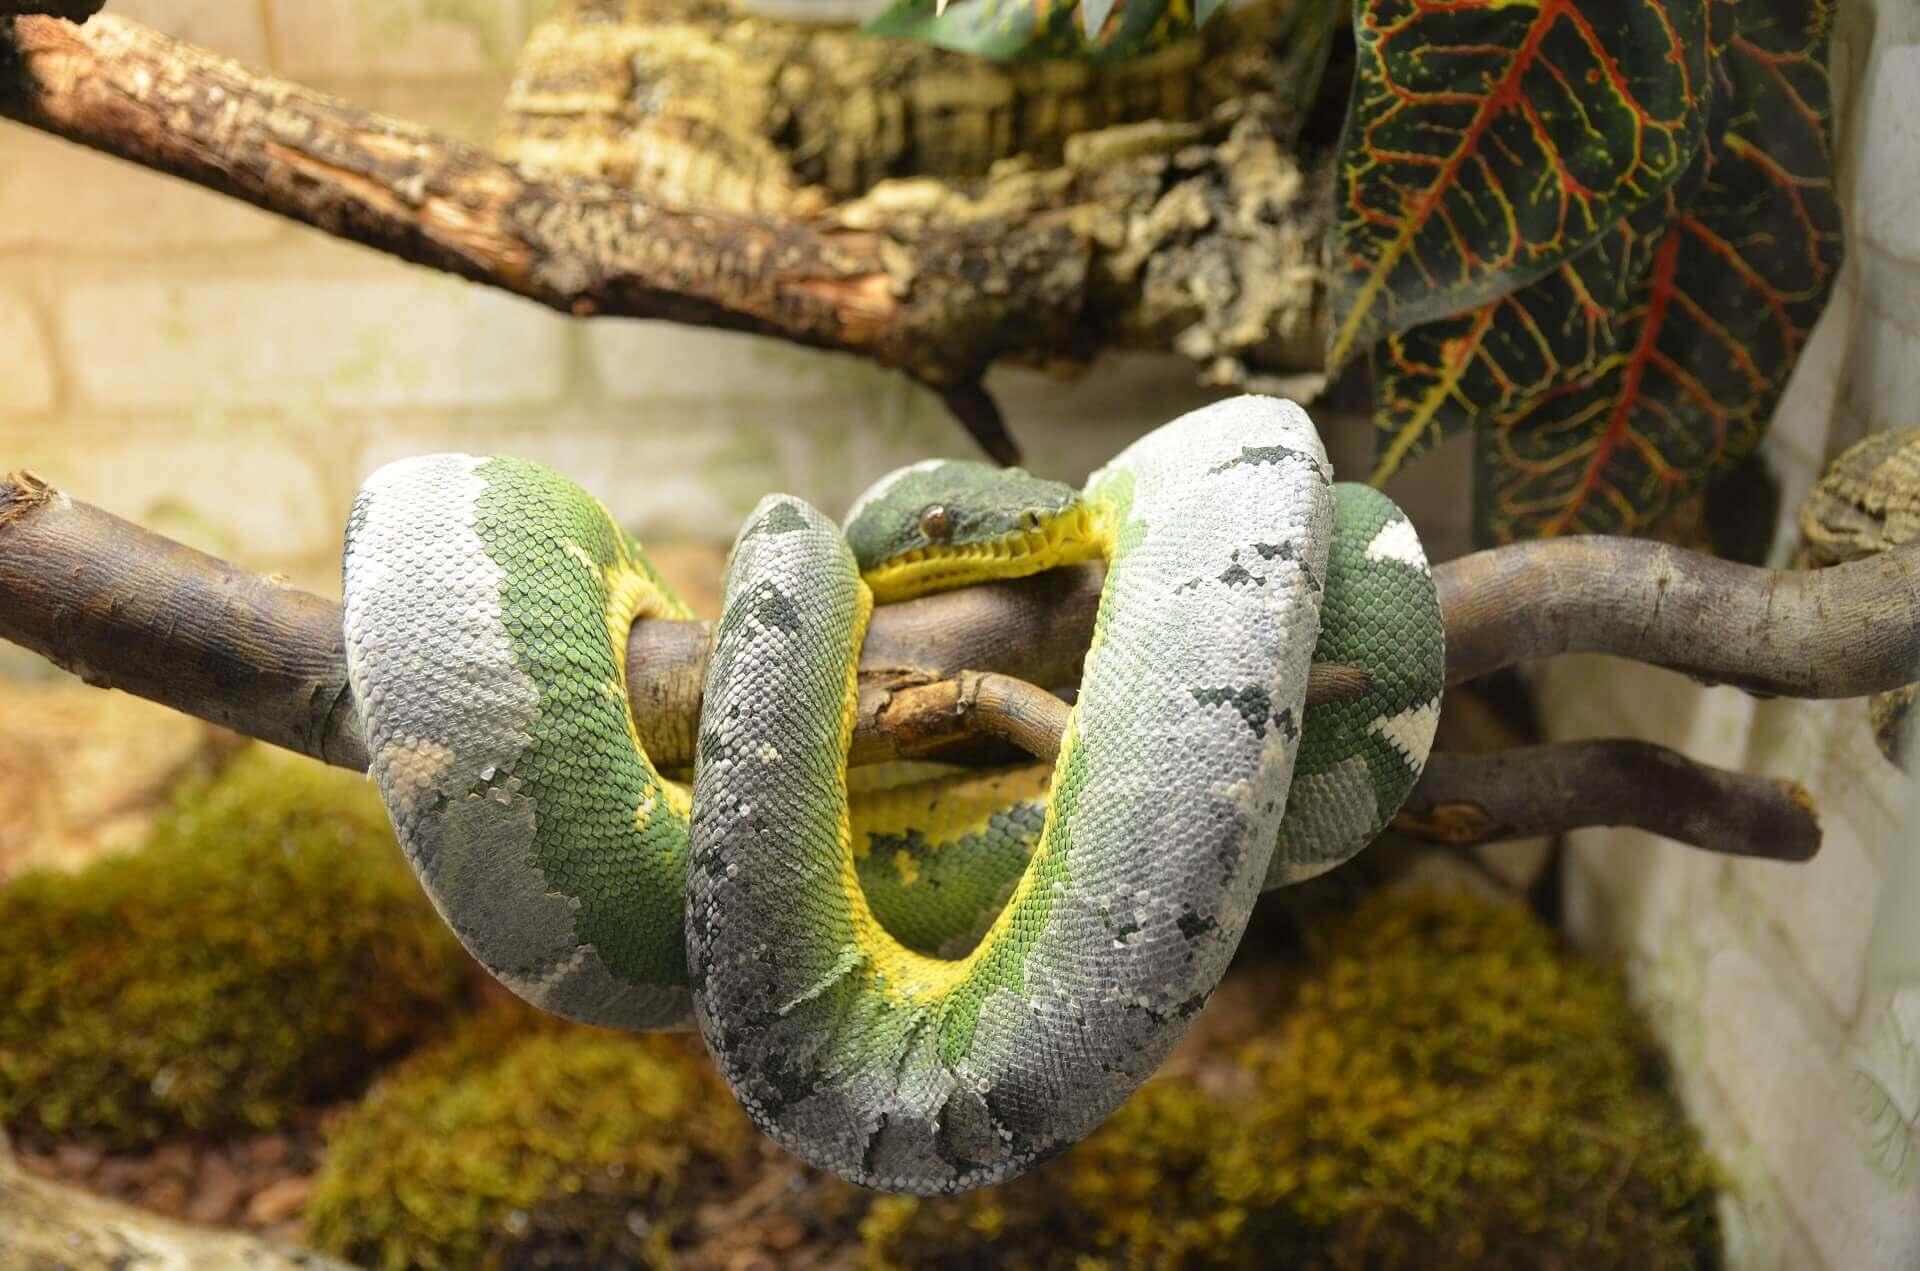 Schlangenbesitzer